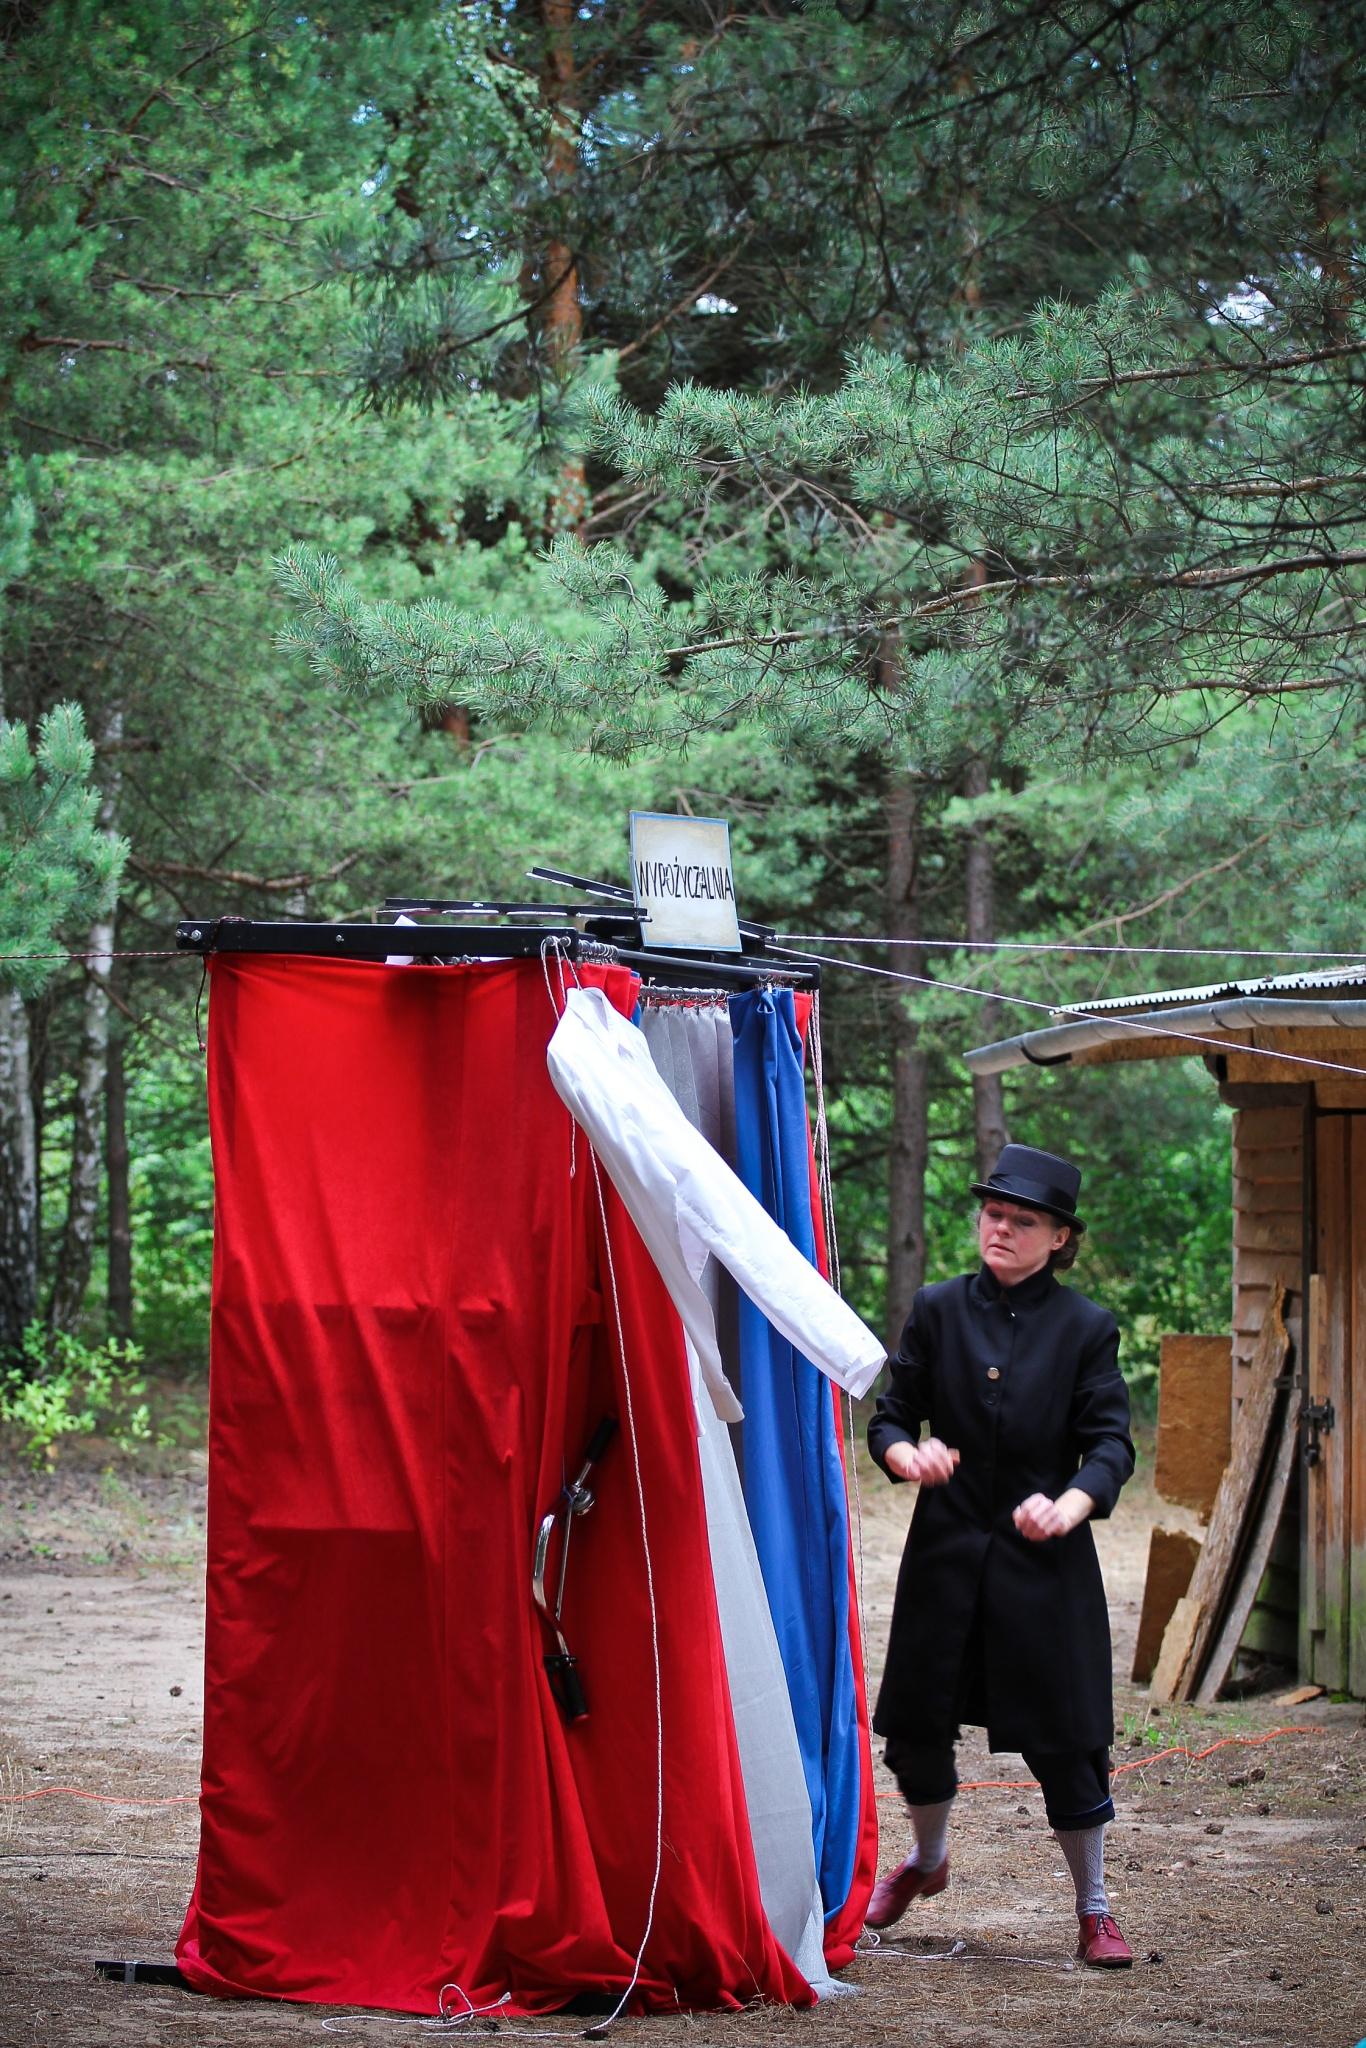 IMG_1717 fot. Olga Wiszenko